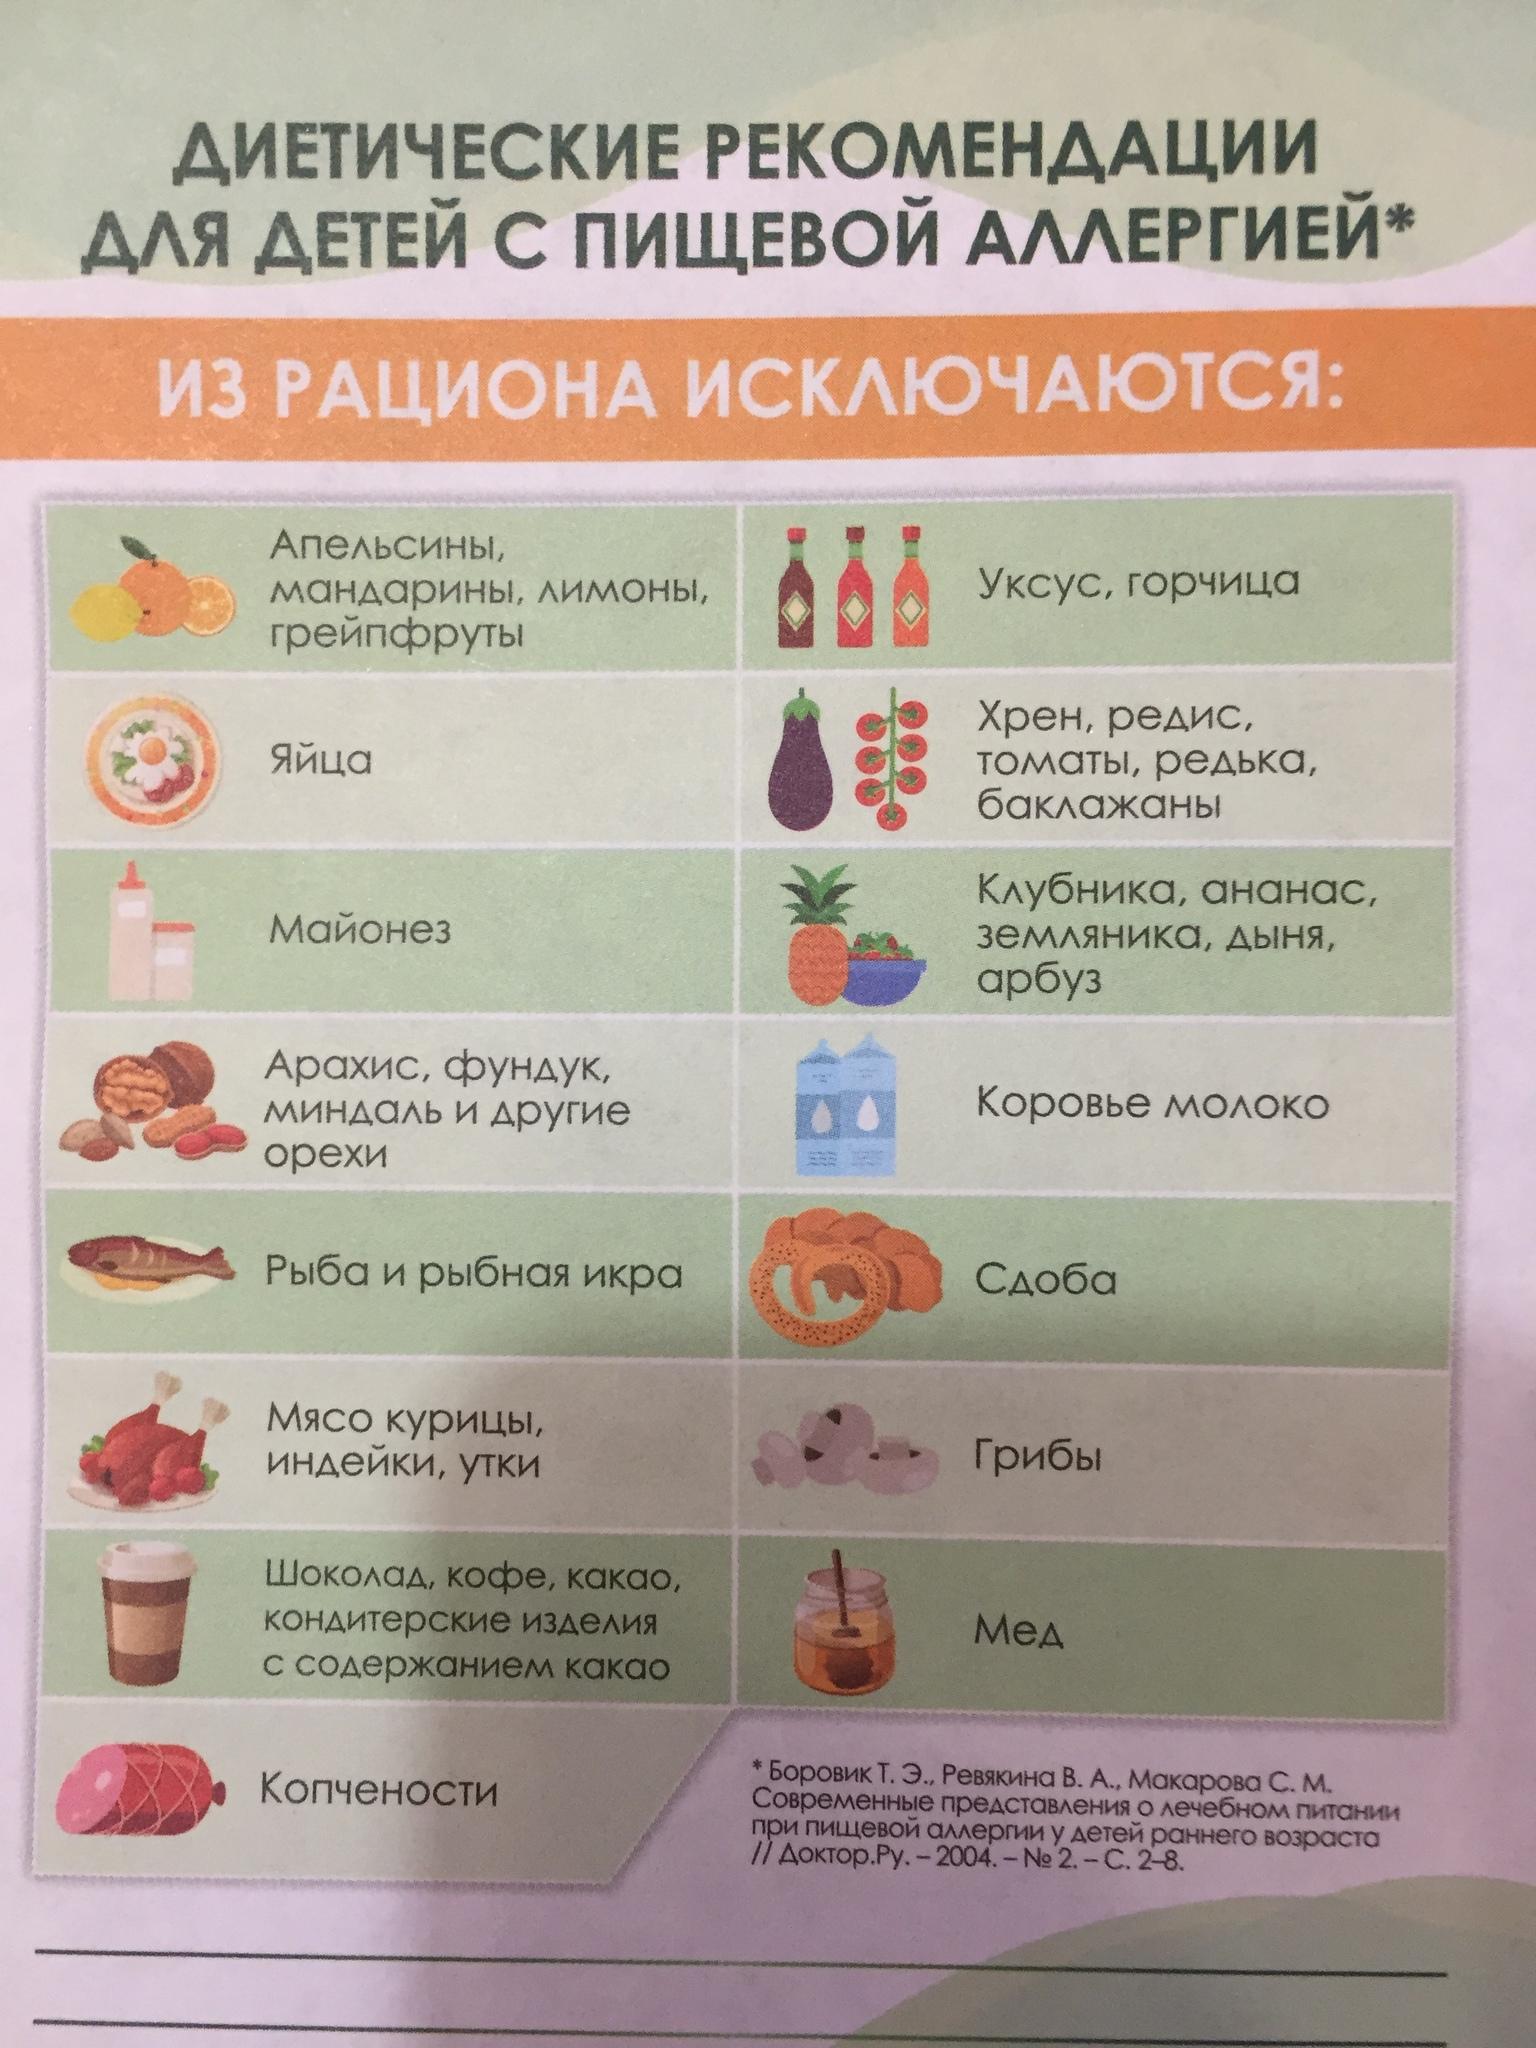 Пищевая аллергия строгая диета